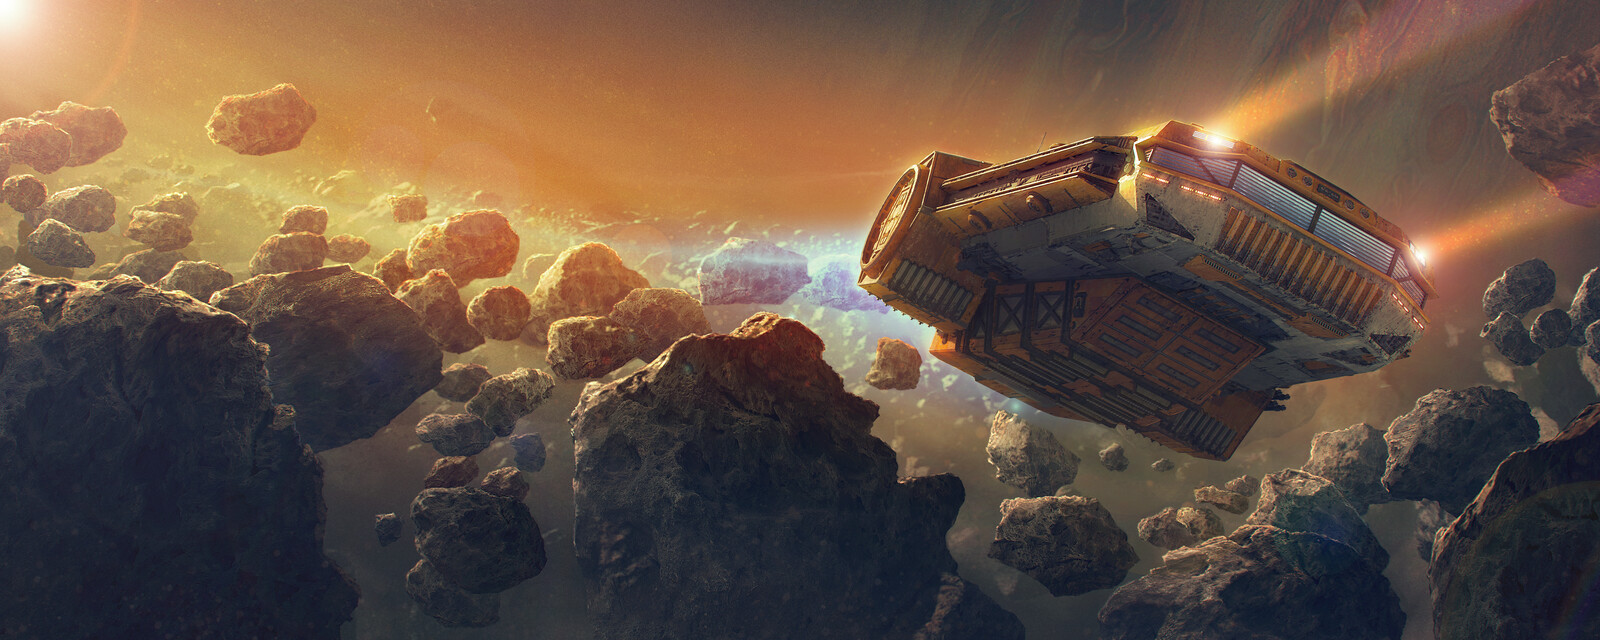 YT-XS Light Hauler Flying Through Asteroid Belt